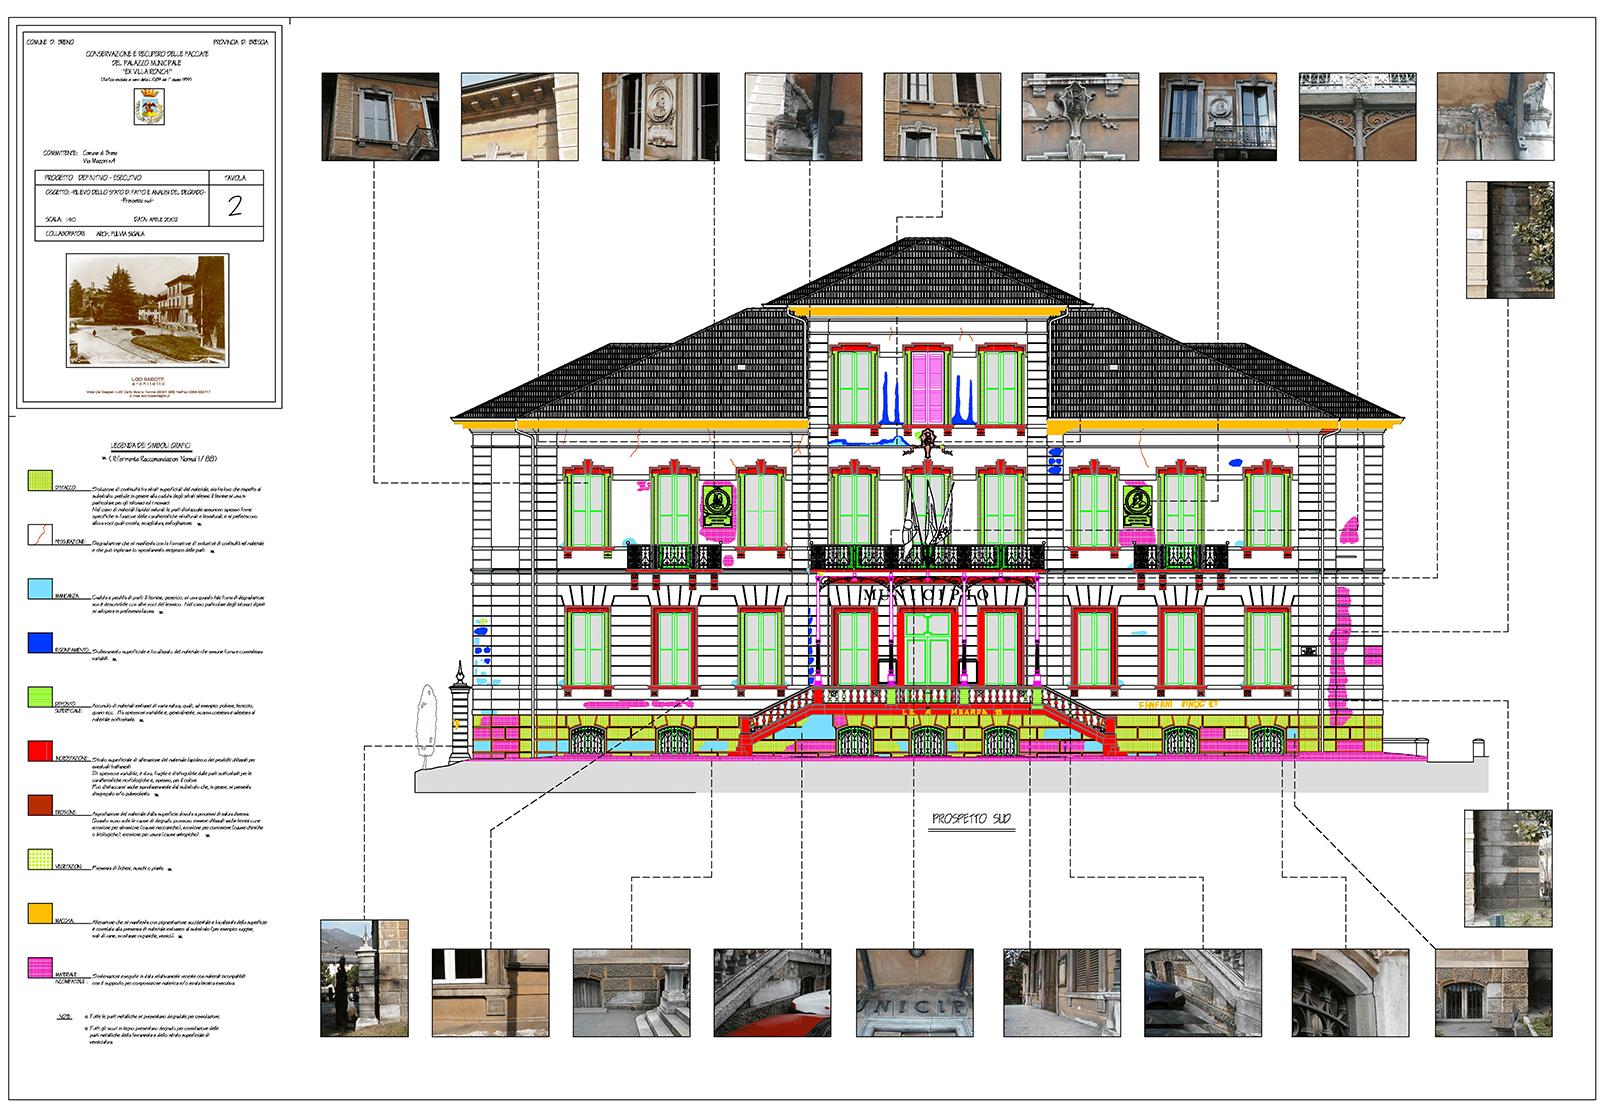 Studio-di-architettura-Baisotti-Sigala-prgetti186